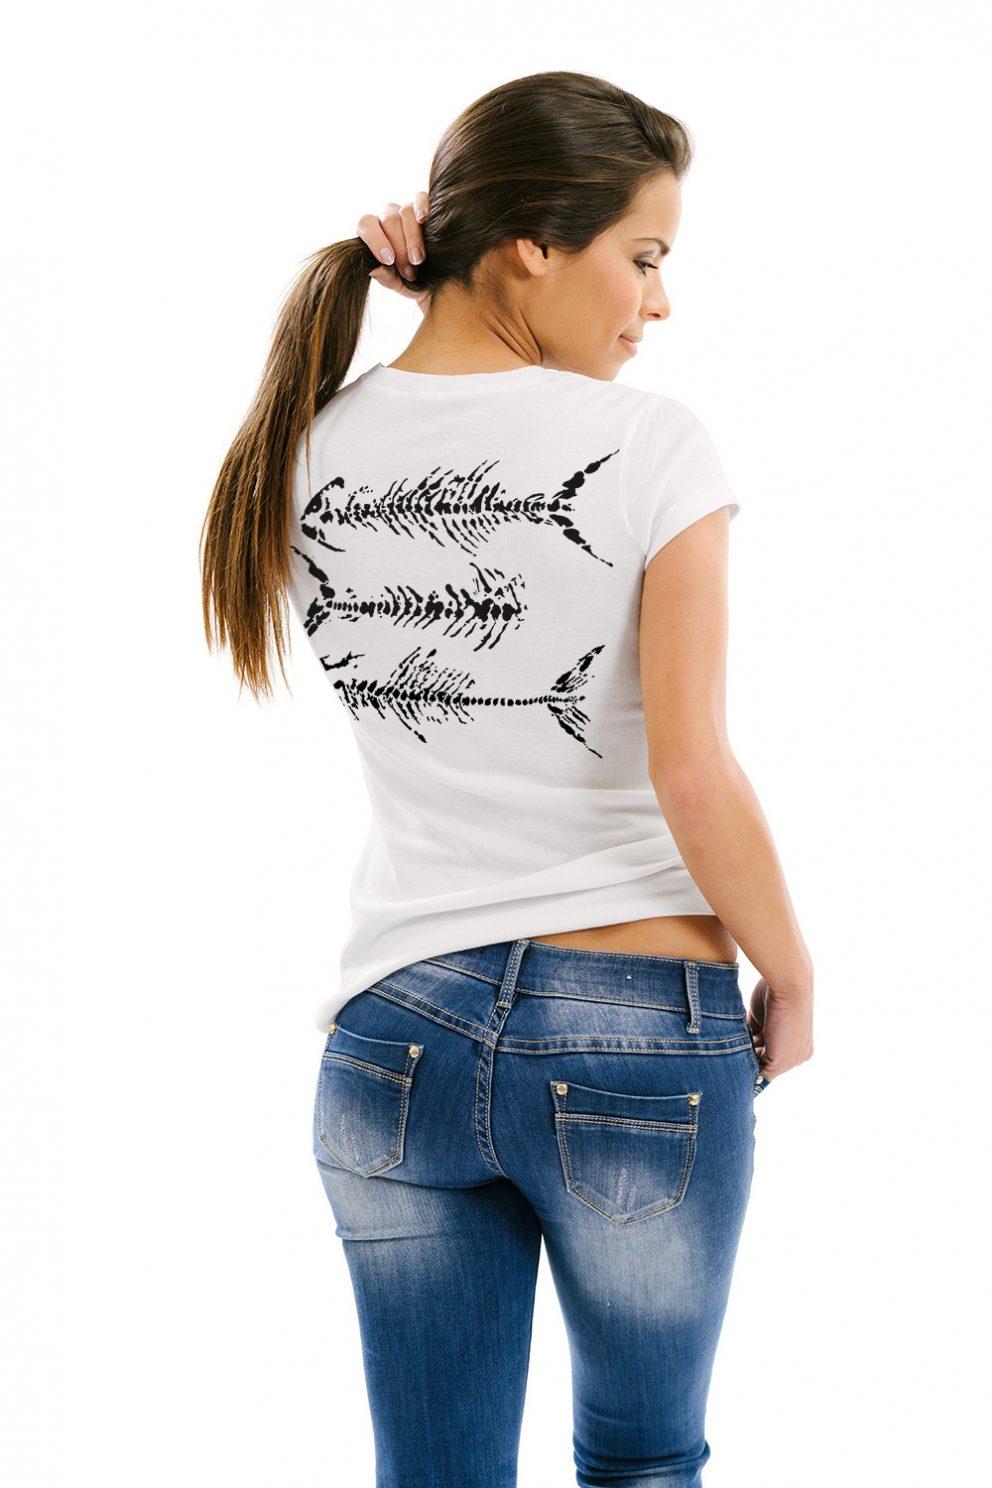 Kyst-shirt Tromso West T-shirt